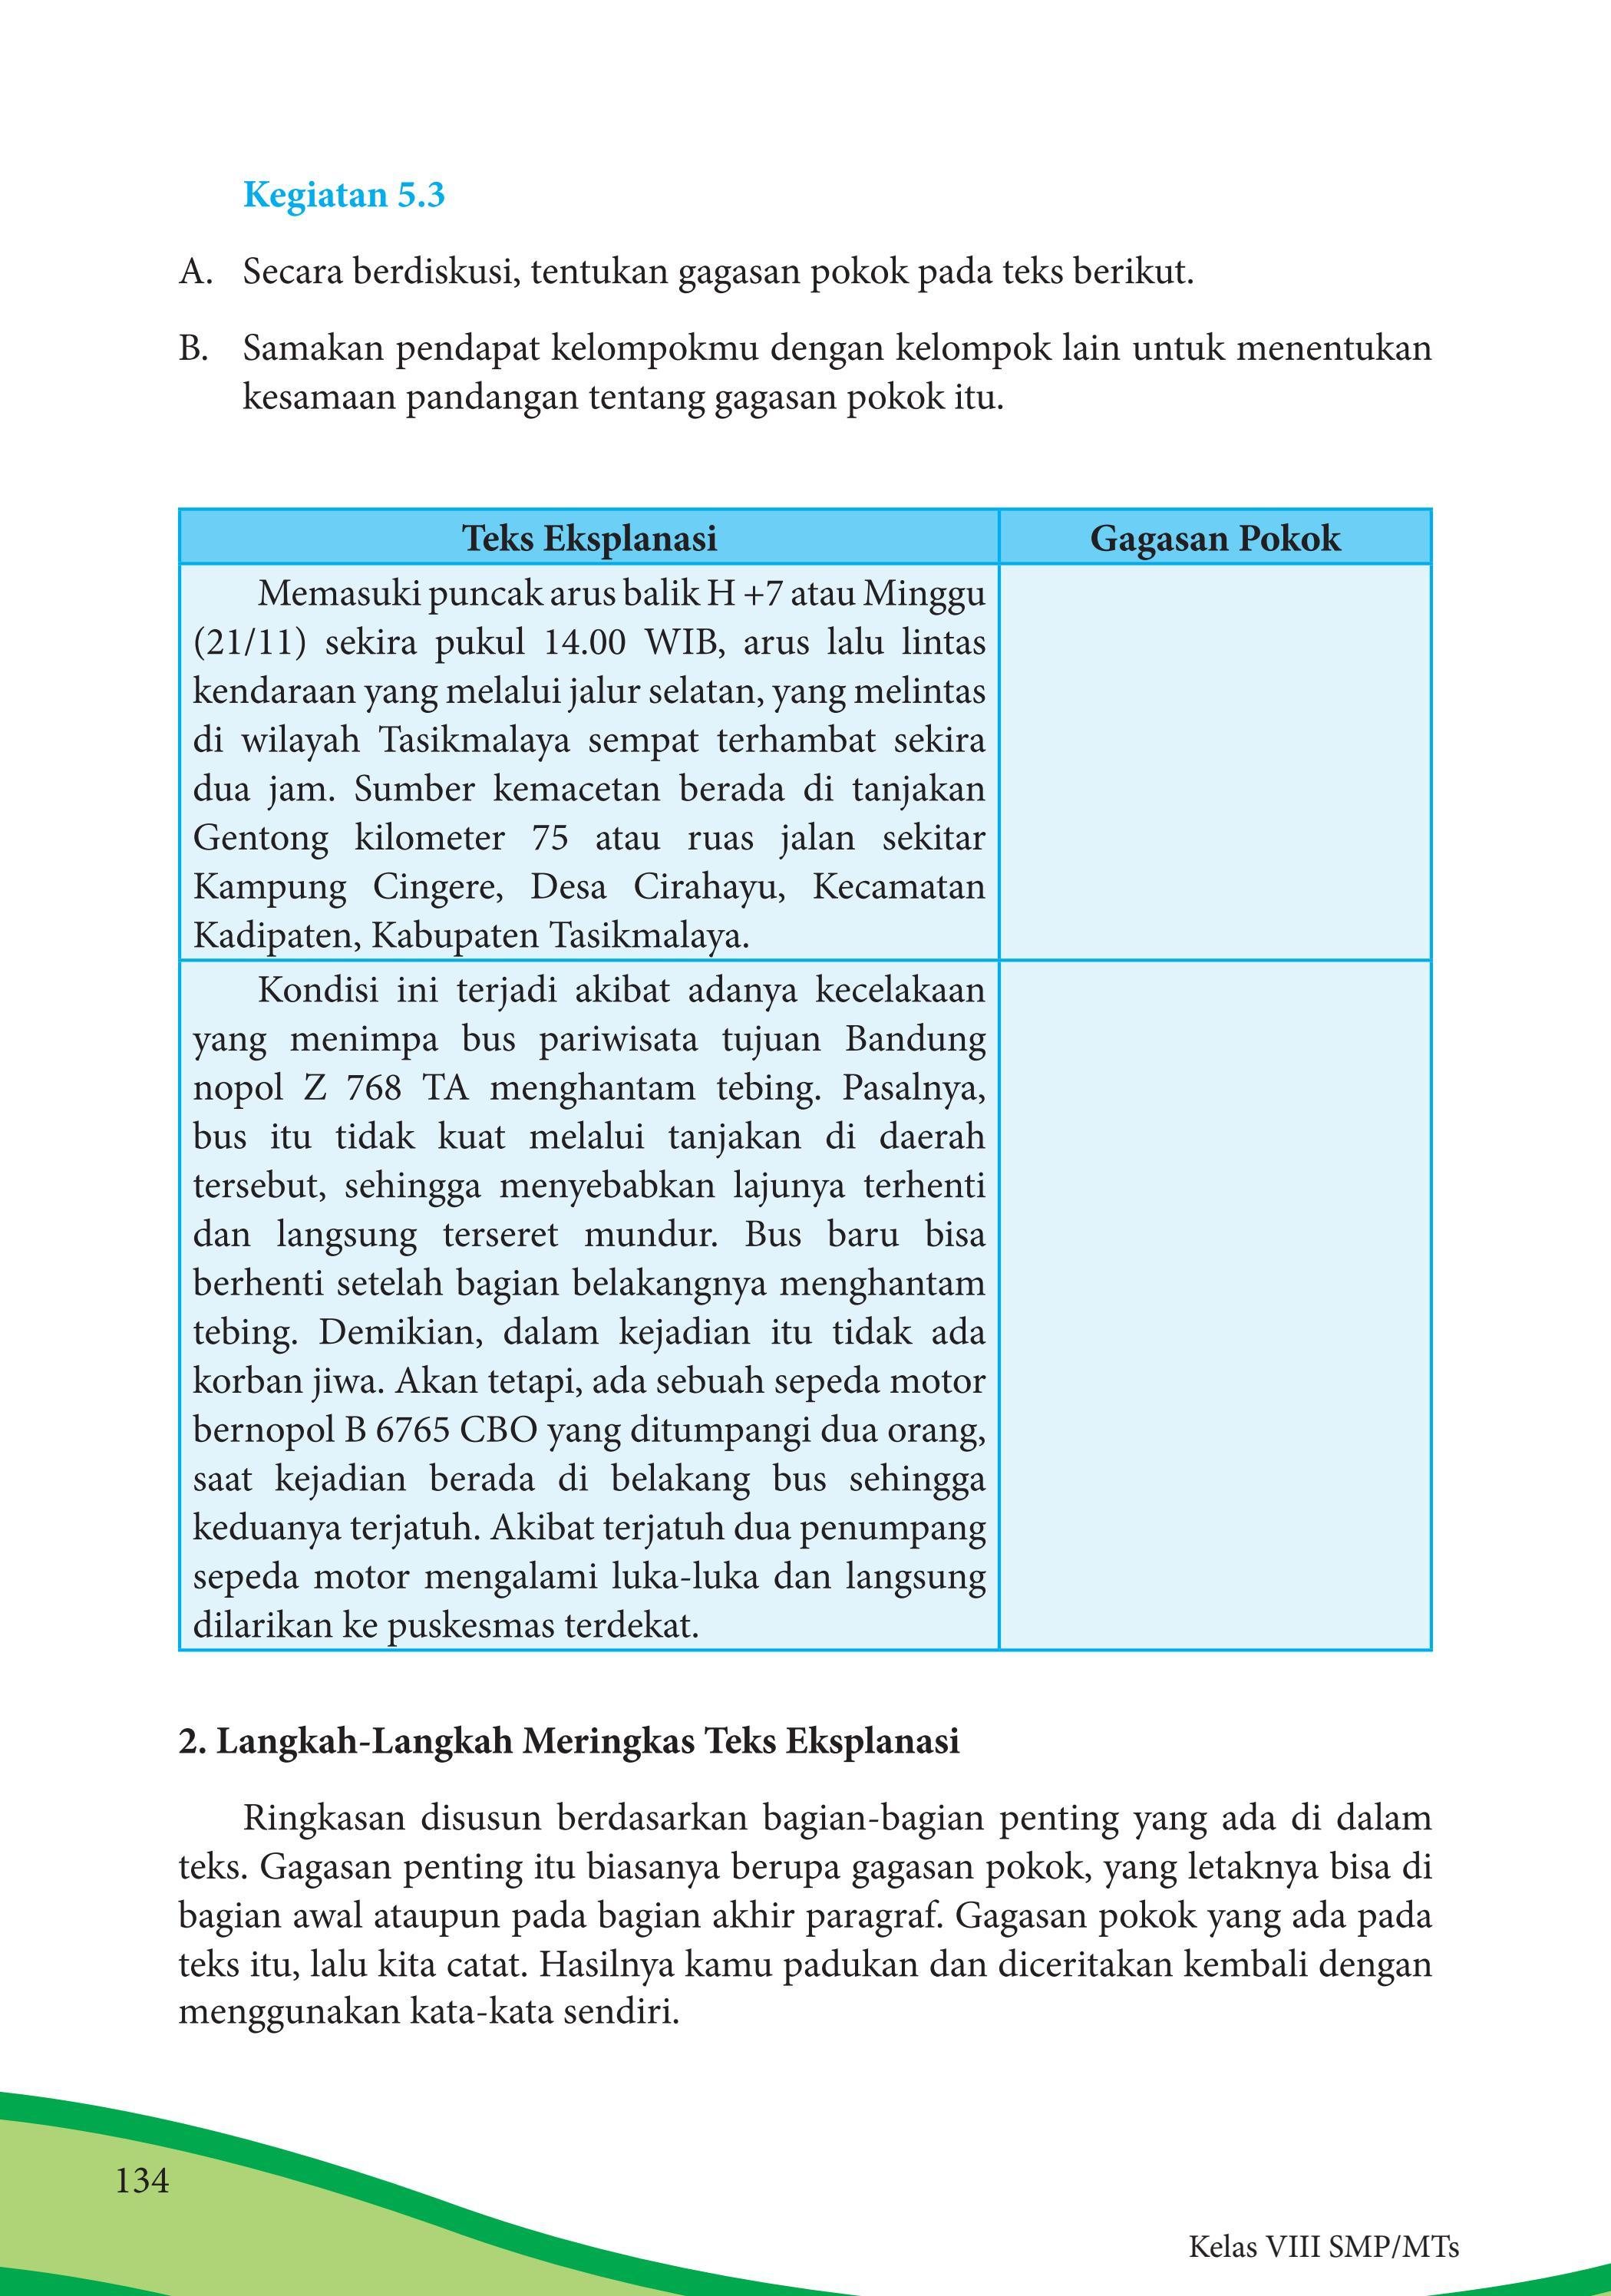 Kegiatan 5.5 Bahasa Indonesia Kelas 8 : kegiatan, bahasa, indonesia, kelas, Jawaban, Bahasa, Indonesia, Kelas, Halaman, Bagian, Background, Kurikulum, SEKOLAH